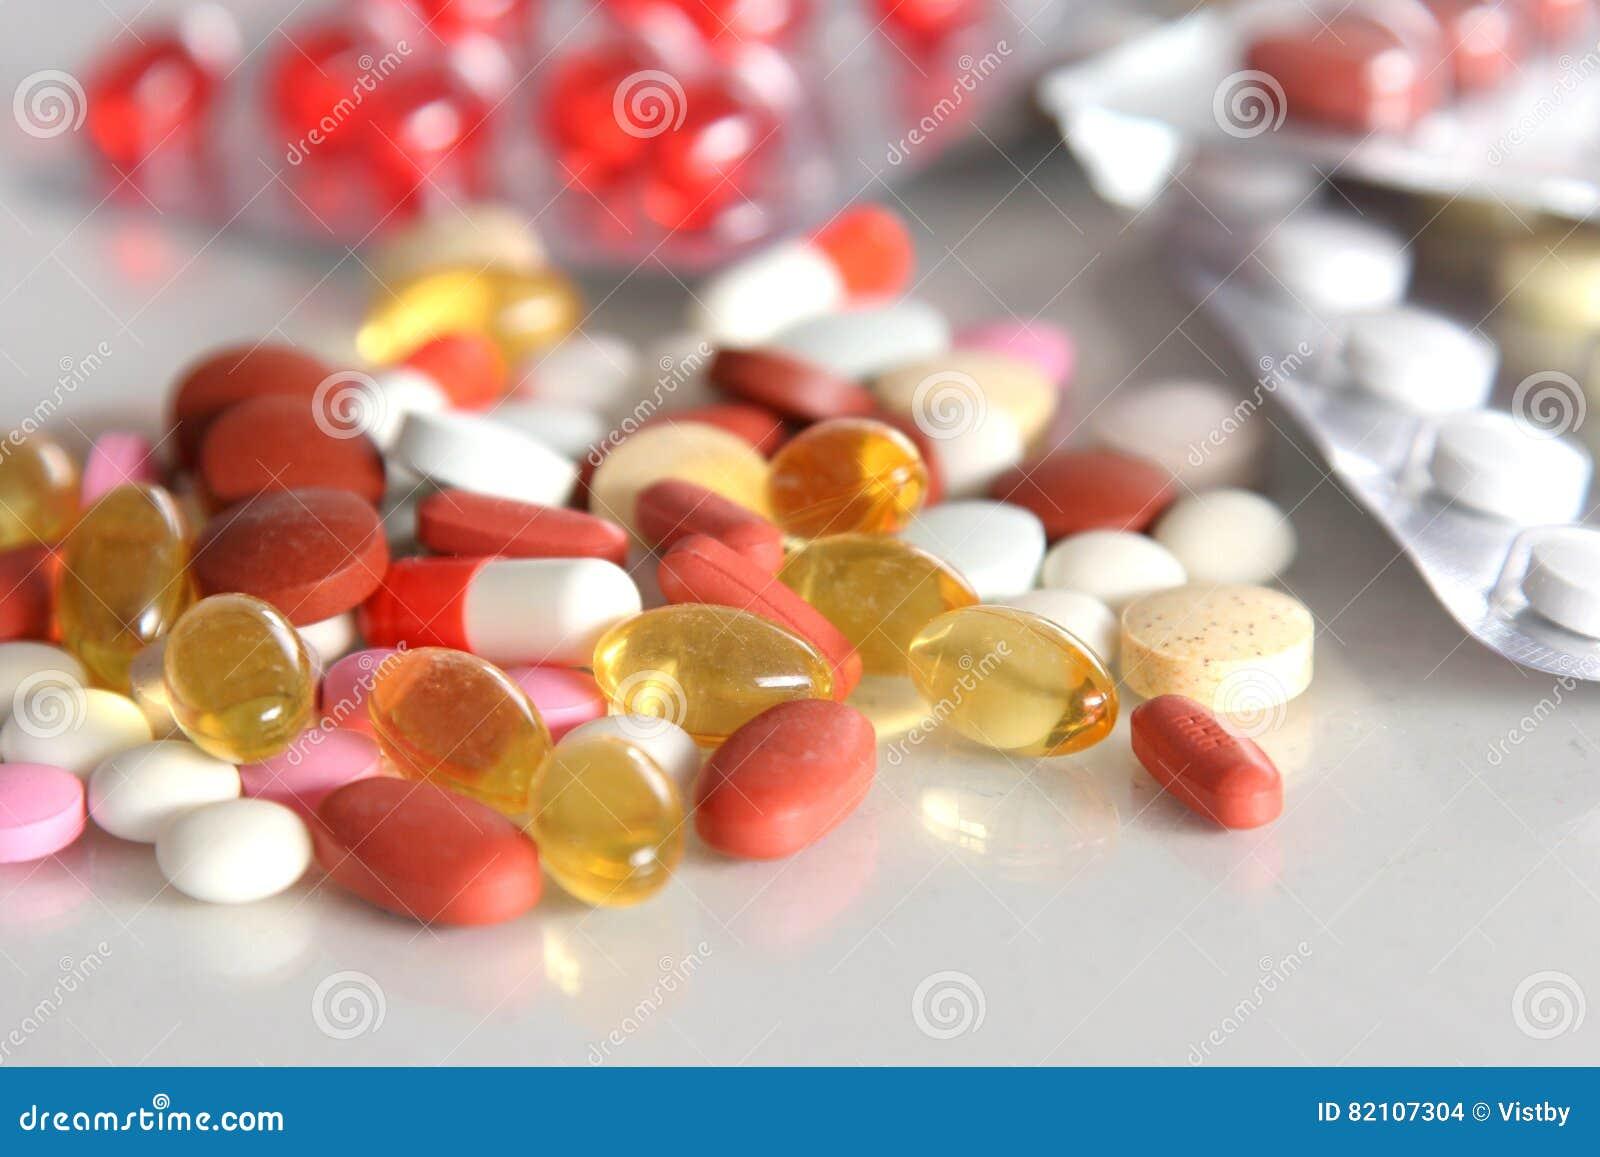 Różni pastylek pigułek kapsuły rozsypiska mieszanki terapii leki fabrykują grypową antybiotyczną apteki medycynę medyczną